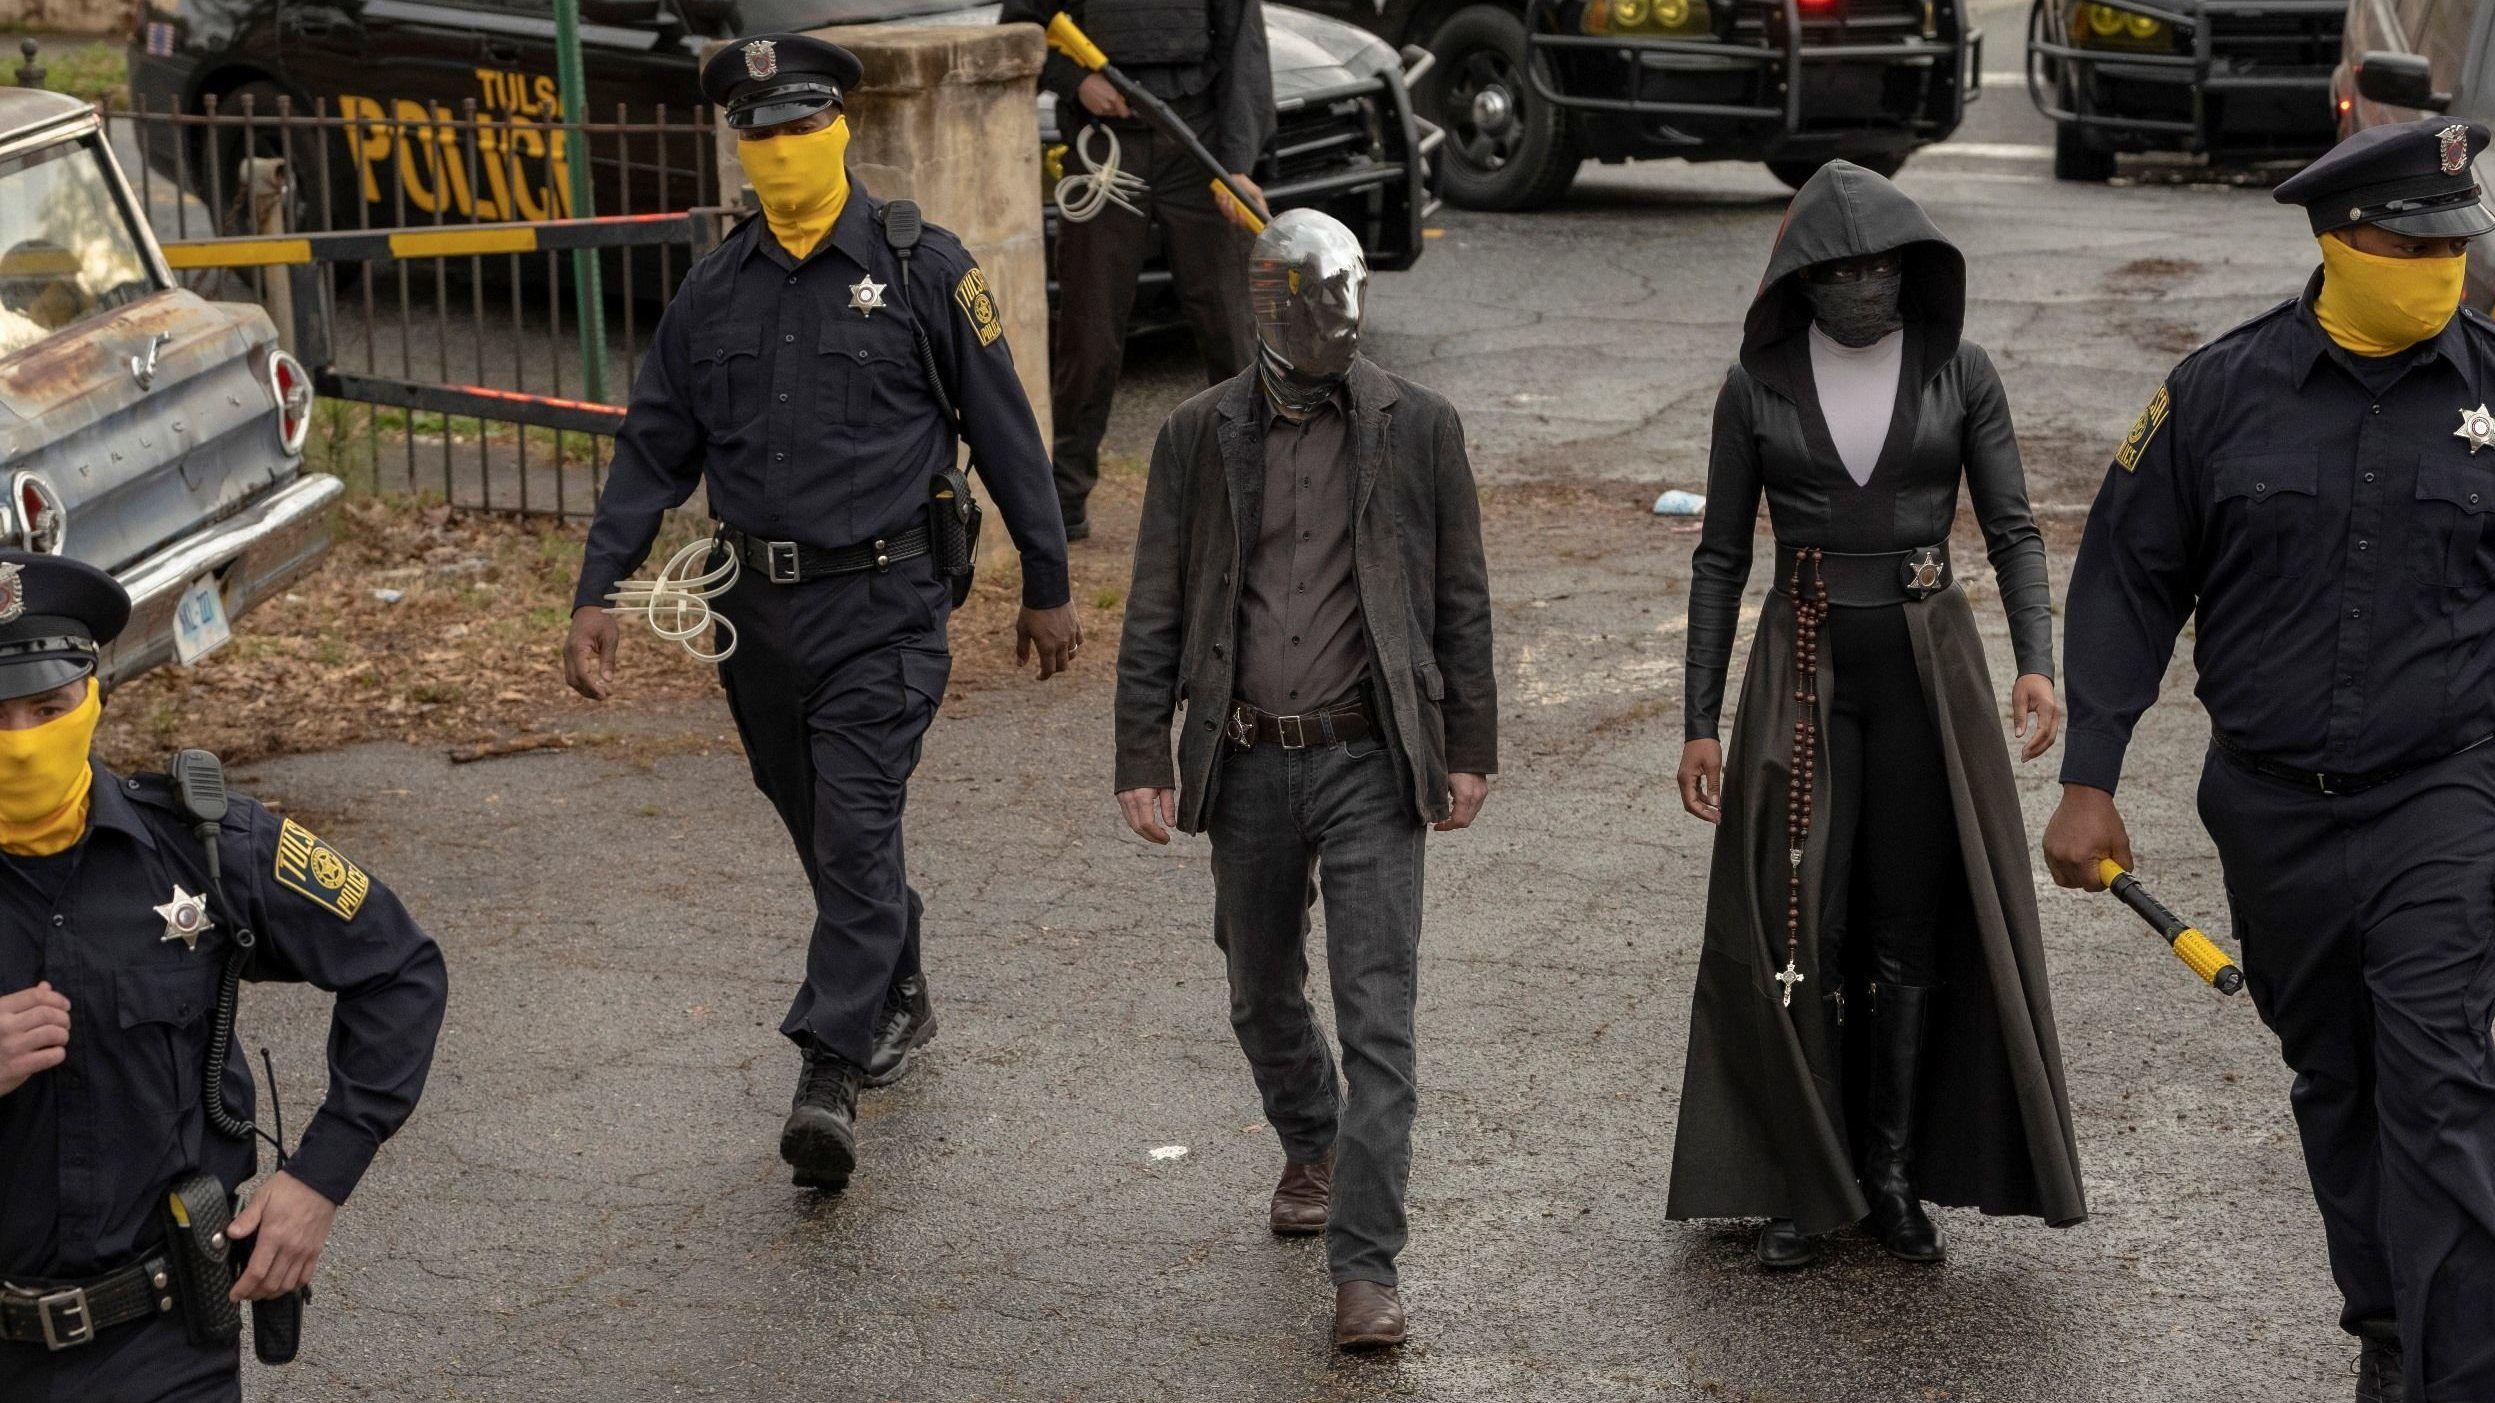 Üdvözöljük a rasszista szuperhősök és az álarcos rendőrök korában!